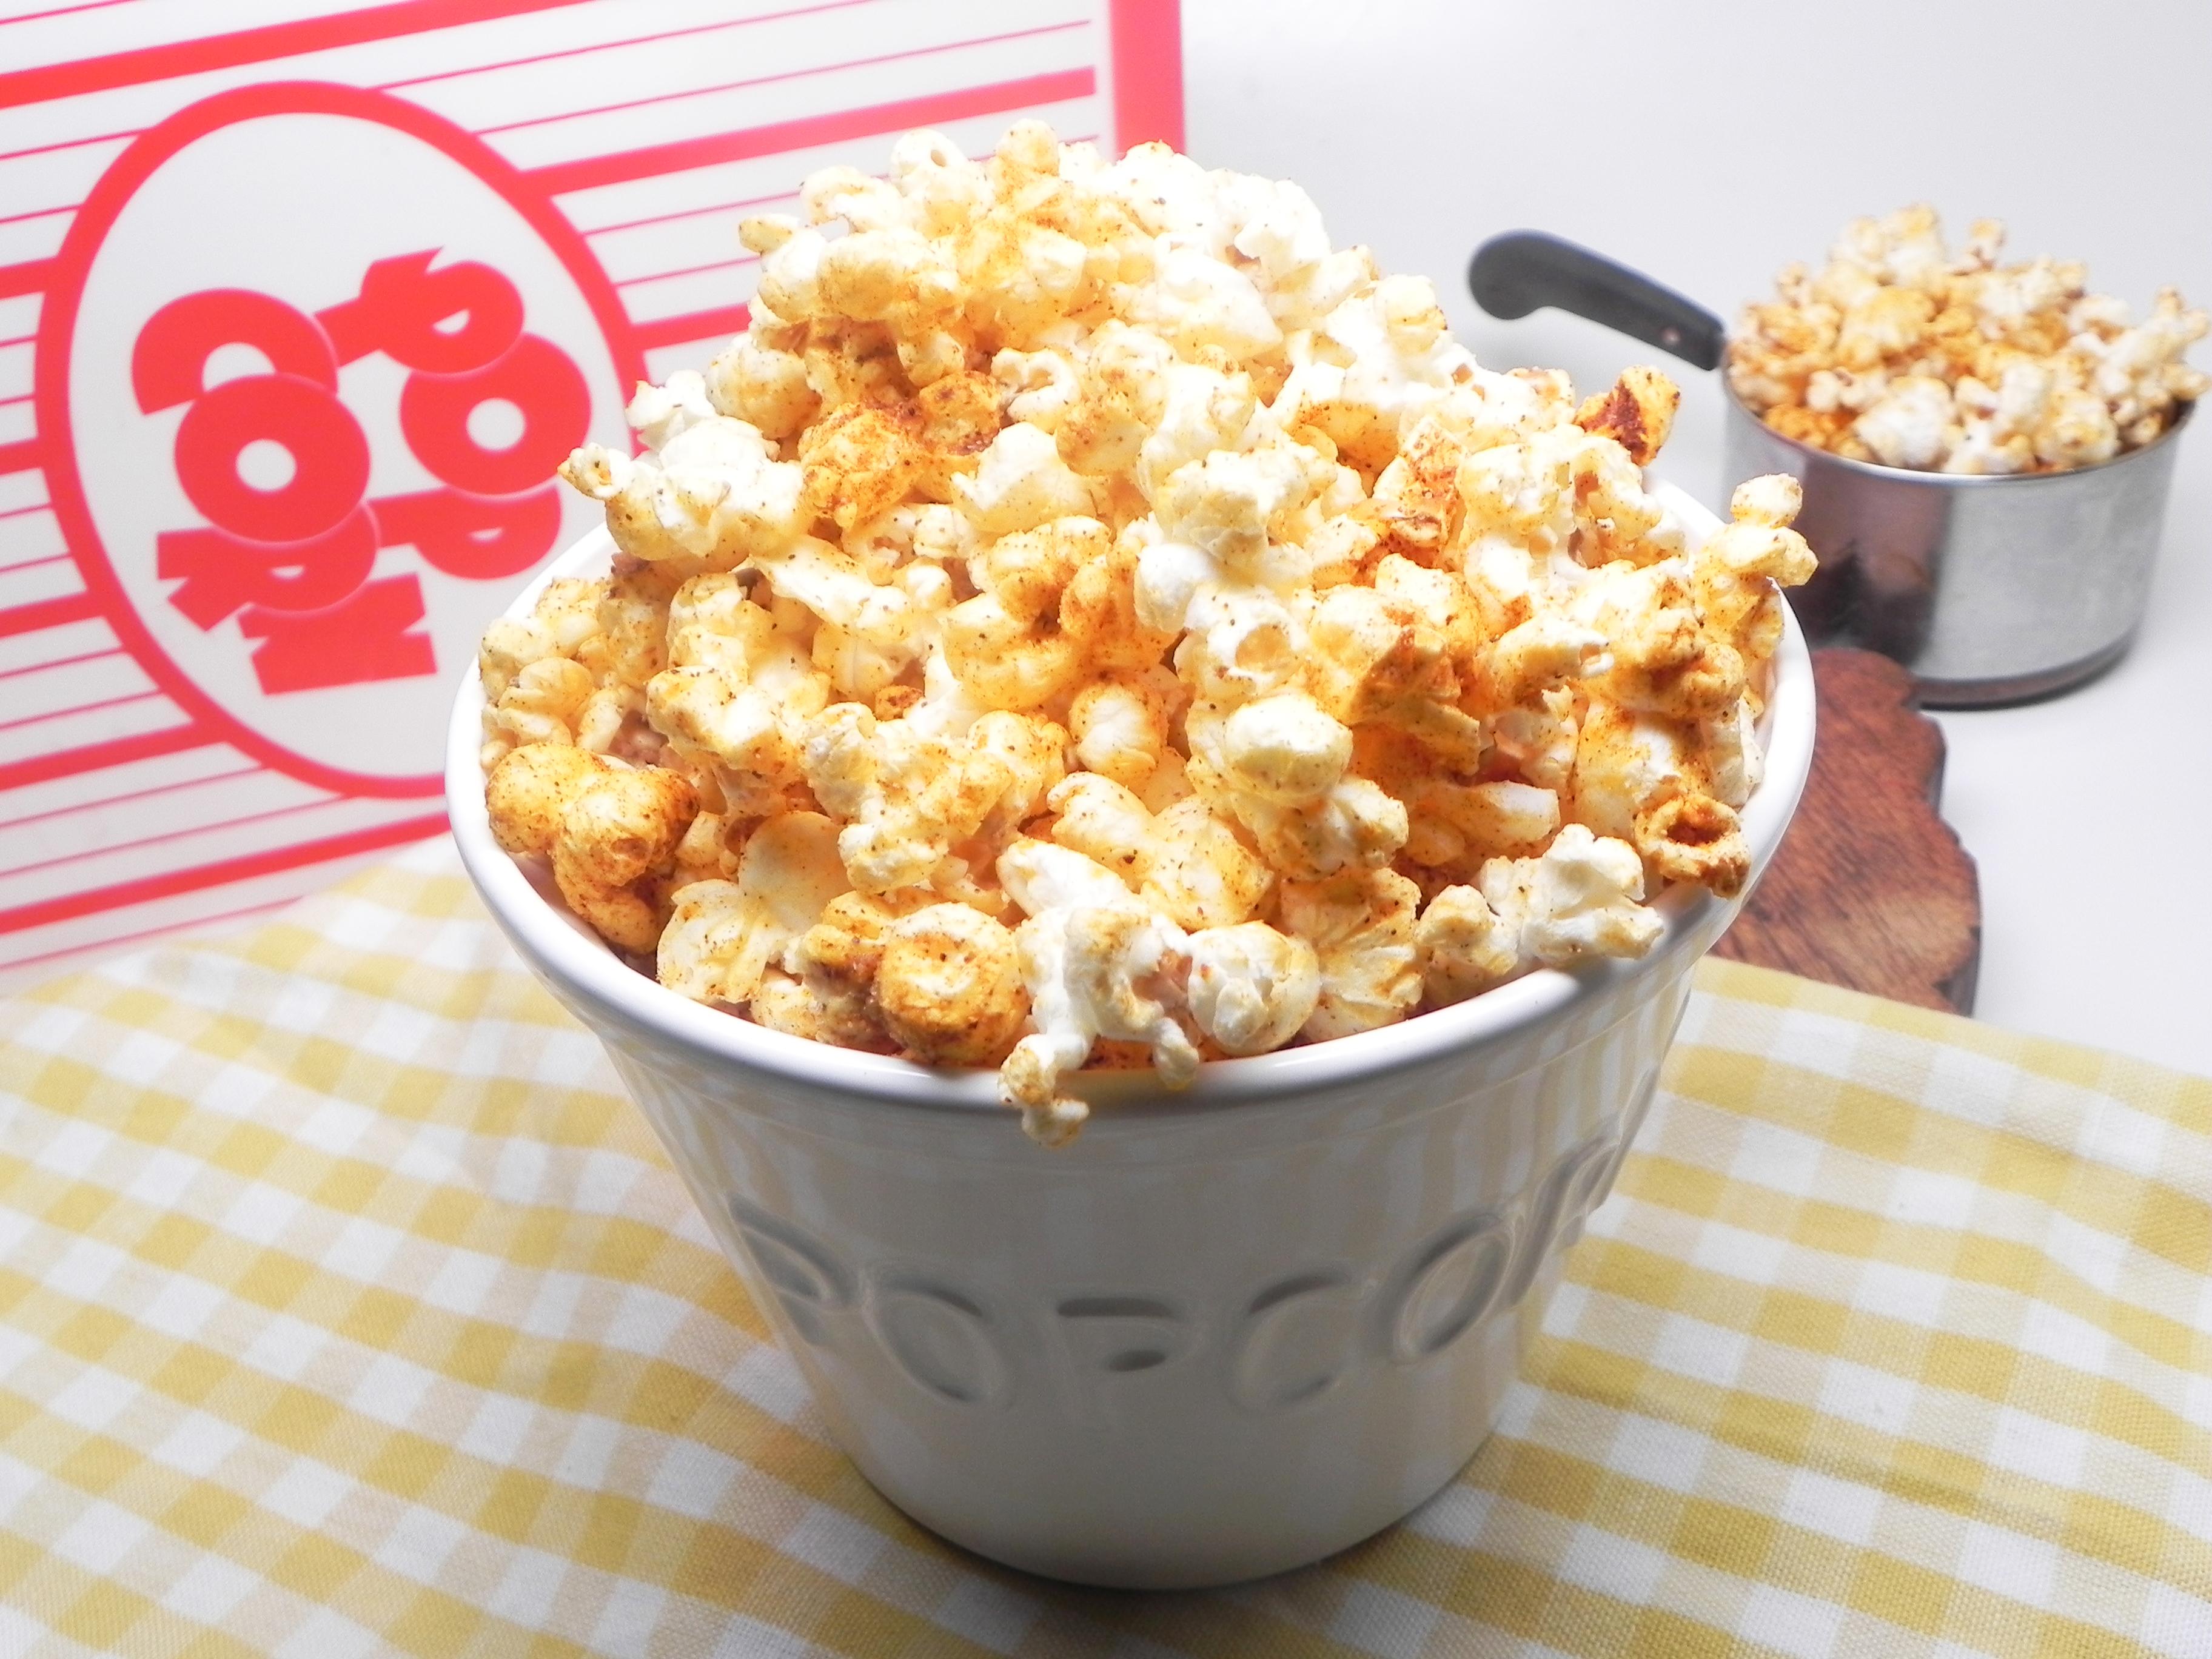 Tex-Mex Savory Popcorn